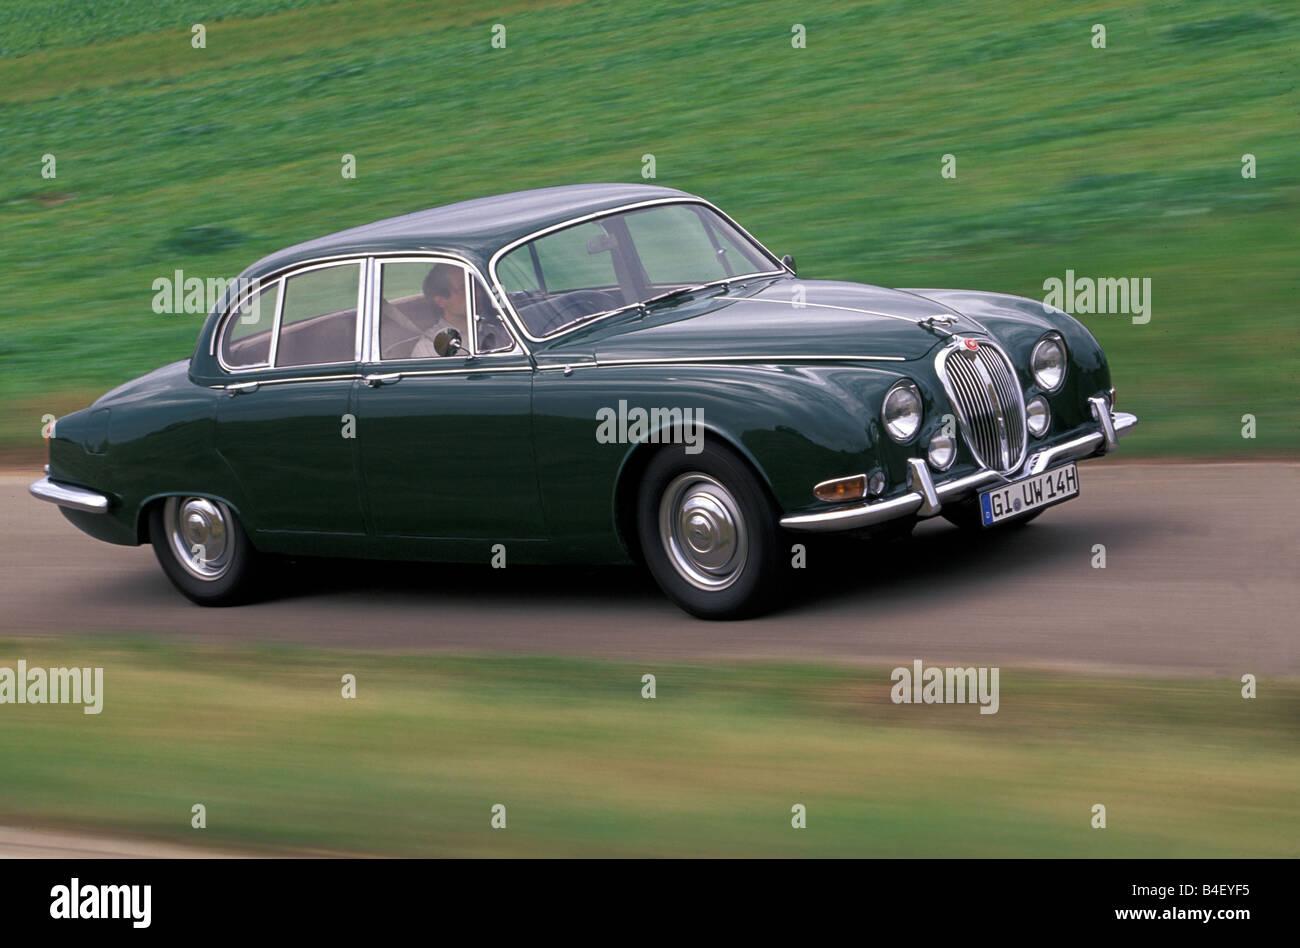 Jaguar S Type 3 4 Stock Photos Images Alamy 1960s Cars Car 34 Vintage Sixties Dark